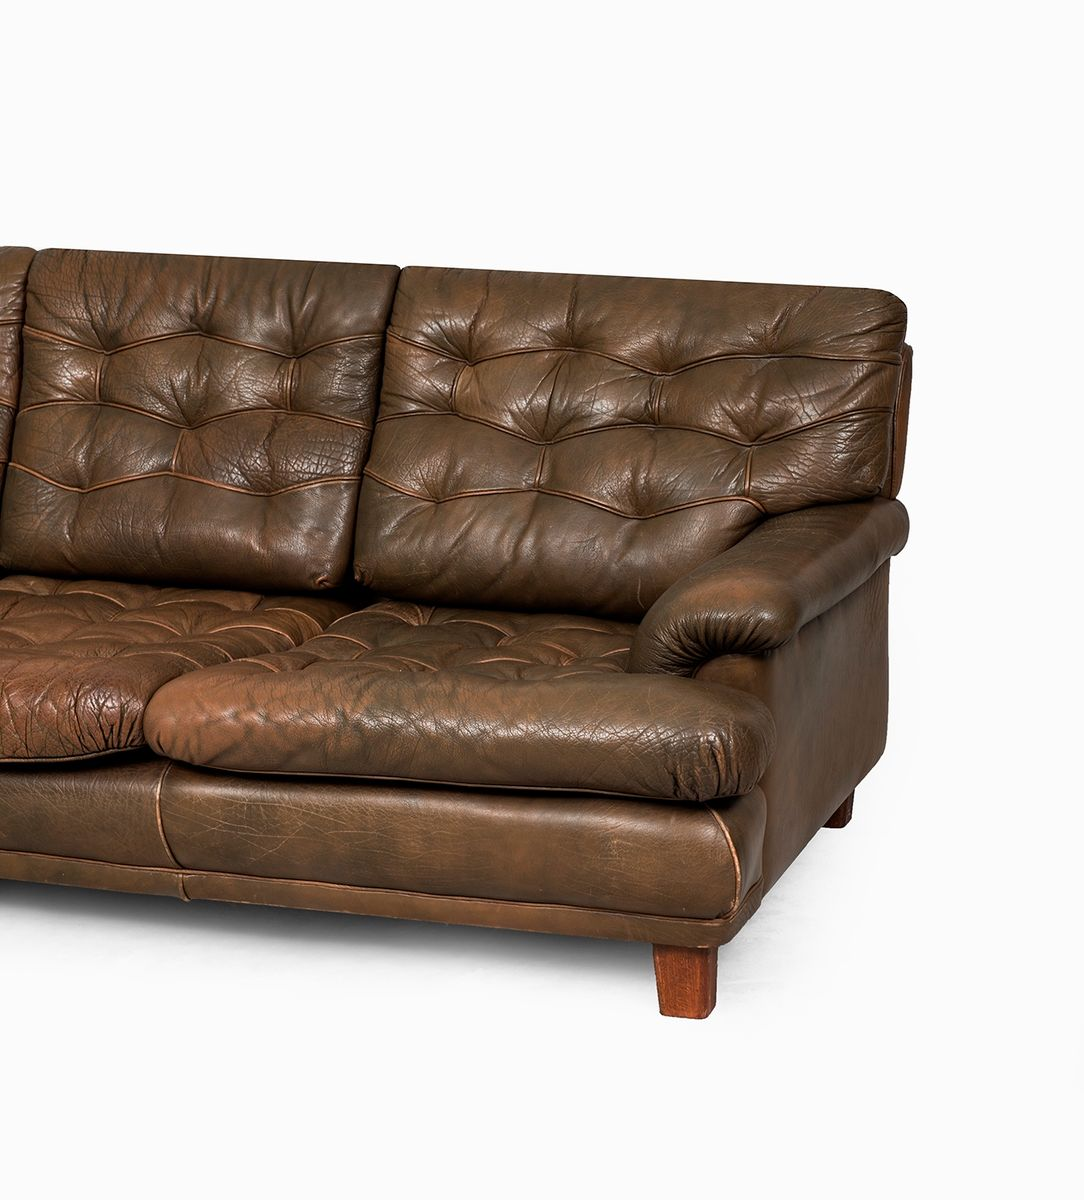 3 sitzer sofa von arne norell f r arne norell ab schweden 1960er bei pamono kaufen. Black Bedroom Furniture Sets. Home Design Ideas